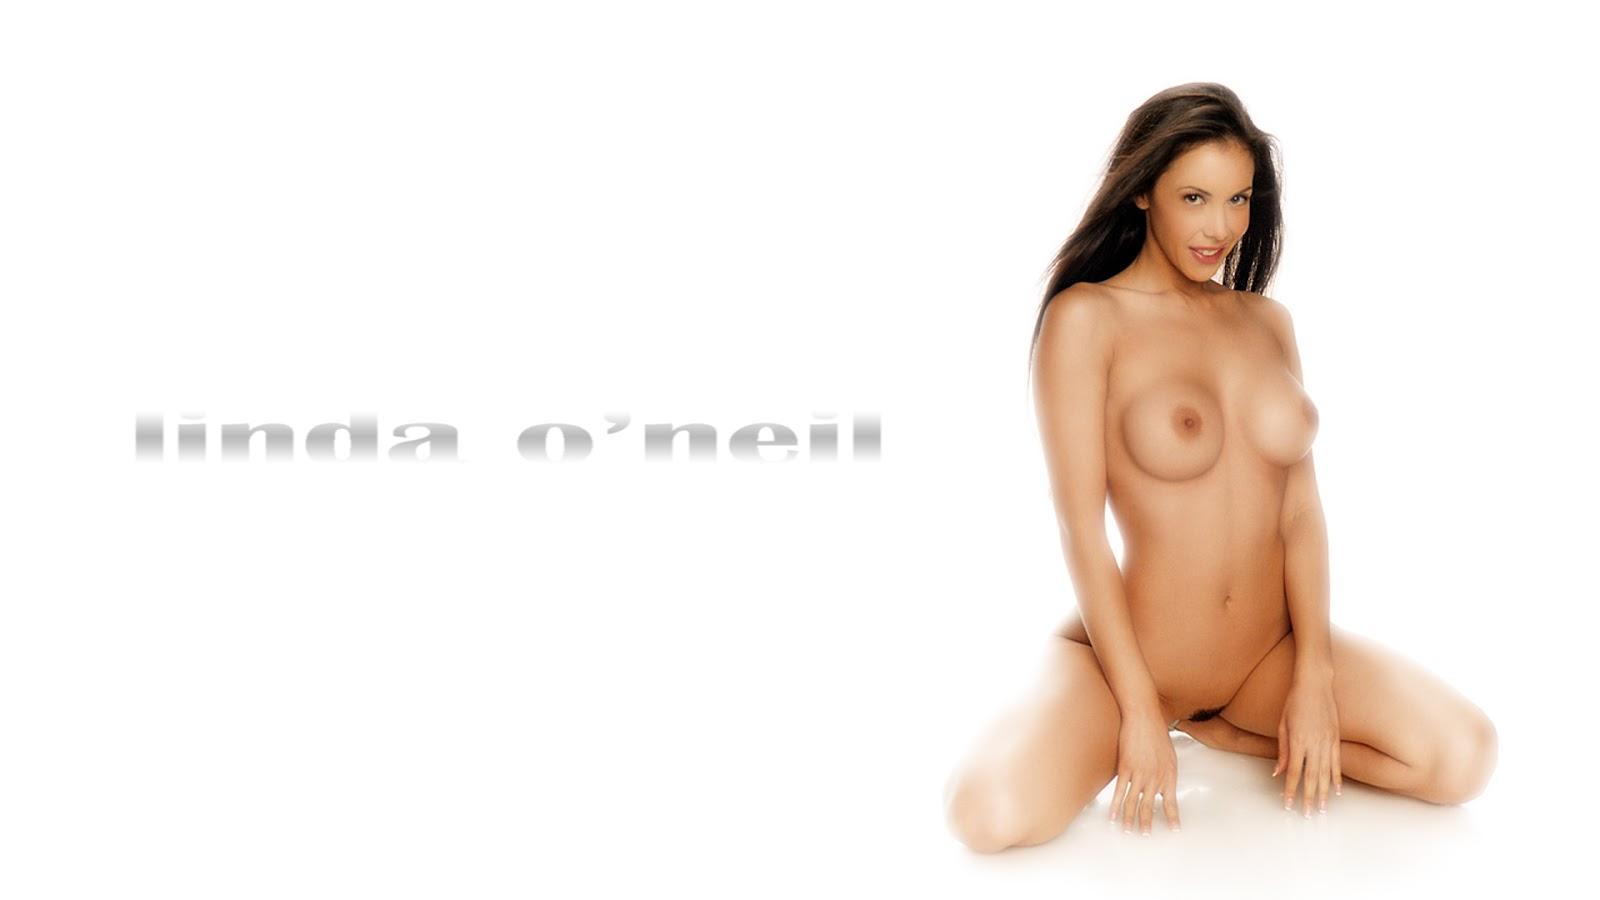 amather asian girls nude ass